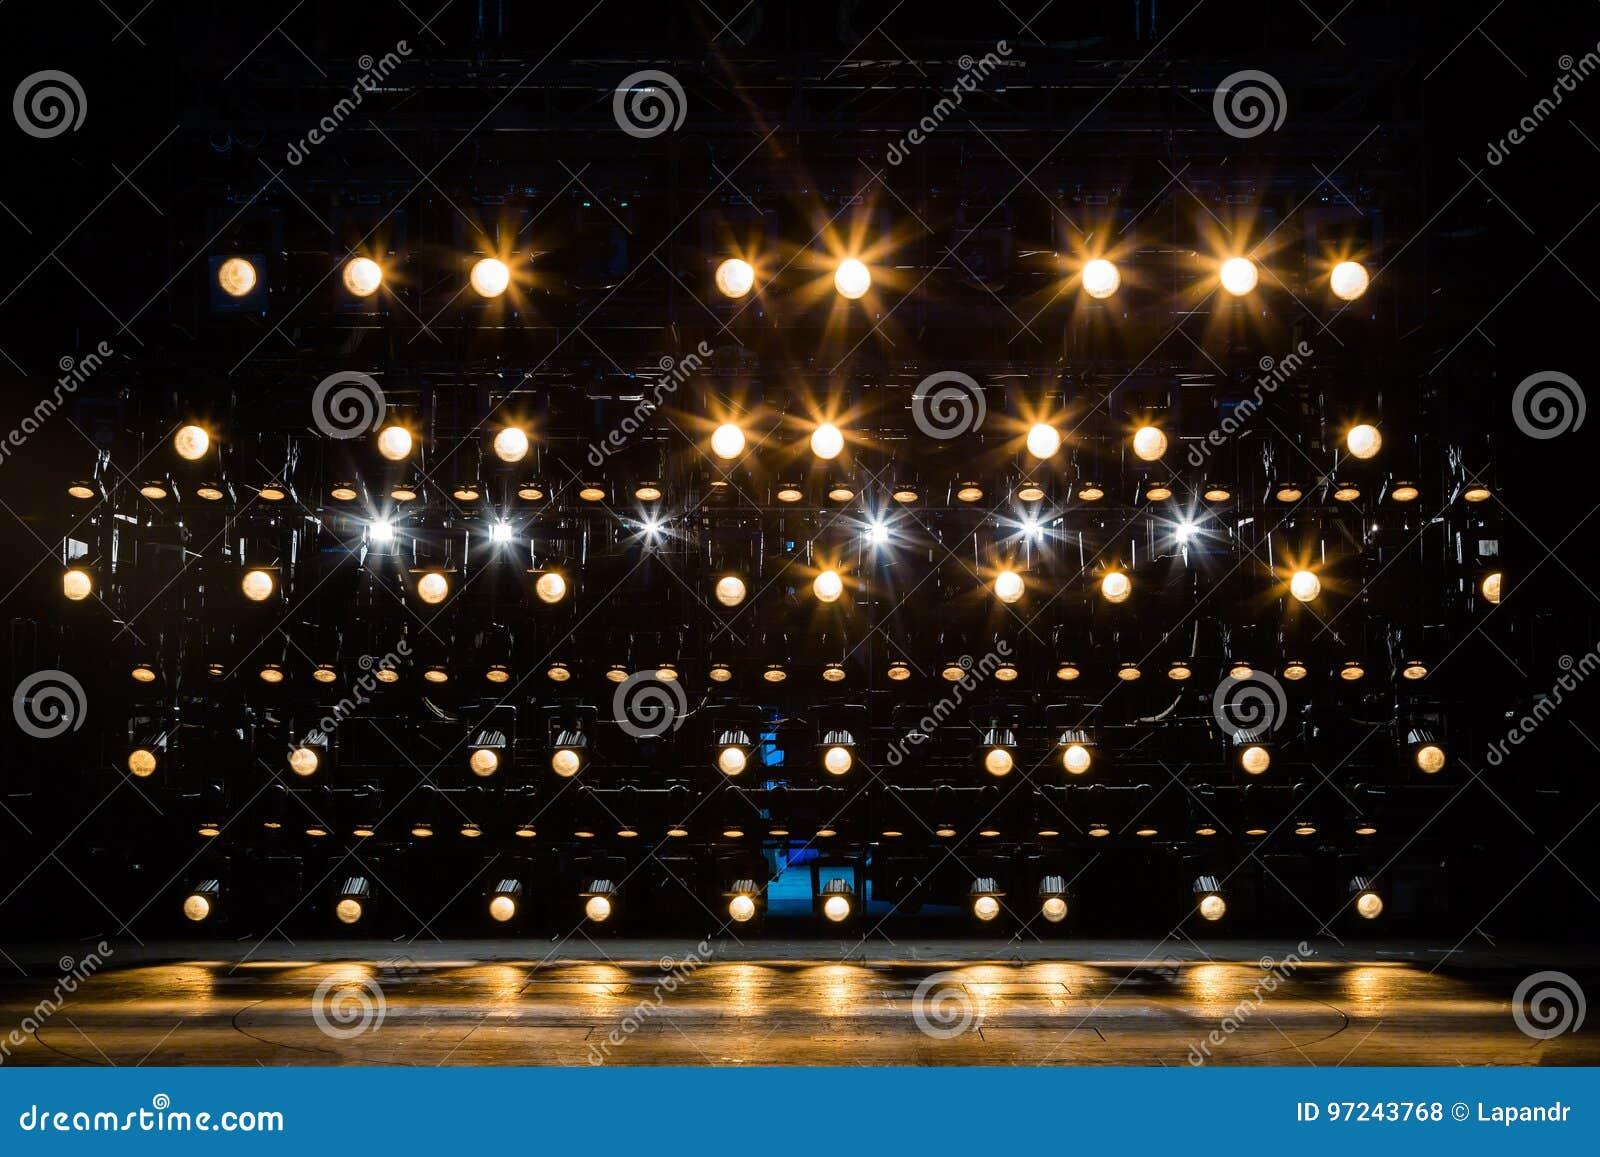 Riflettori materiale di illuminazione per il teatro luce gialla